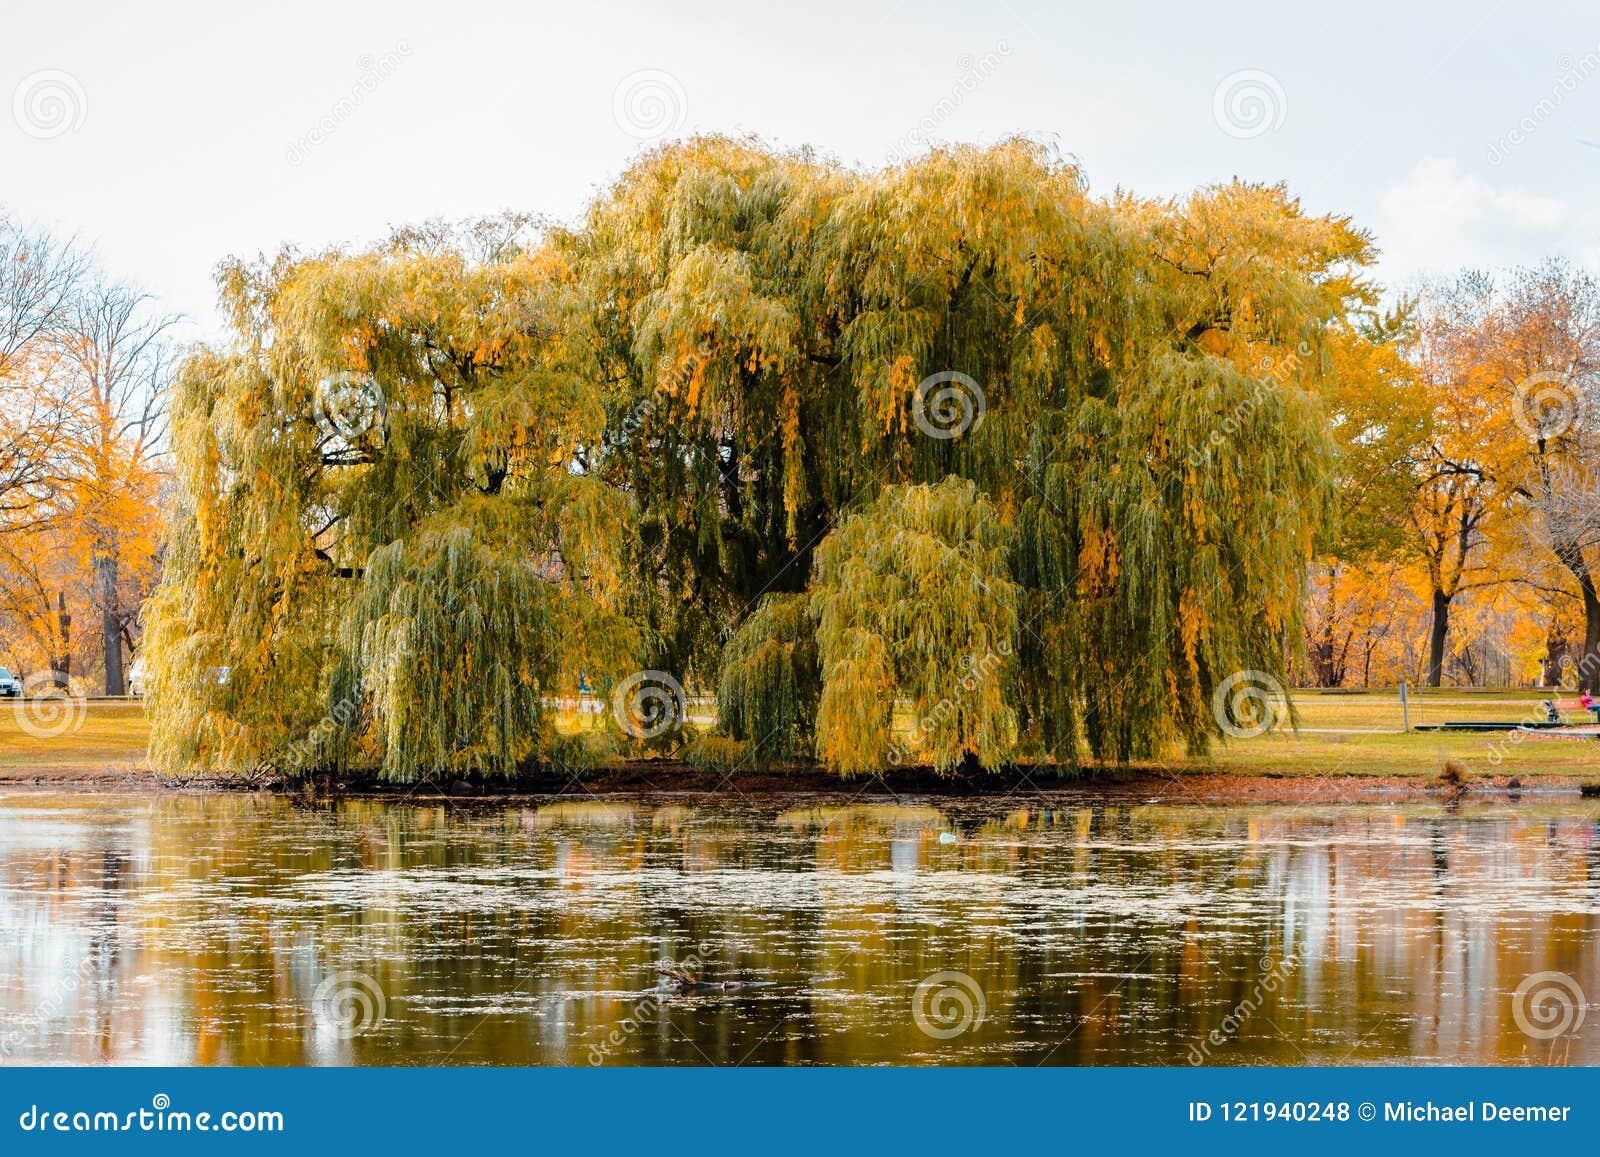 Paesaggio di un albero di salice piangente durante la caduta dallo stagno nel parco della riva del fiume a Grand Rapids Michigan